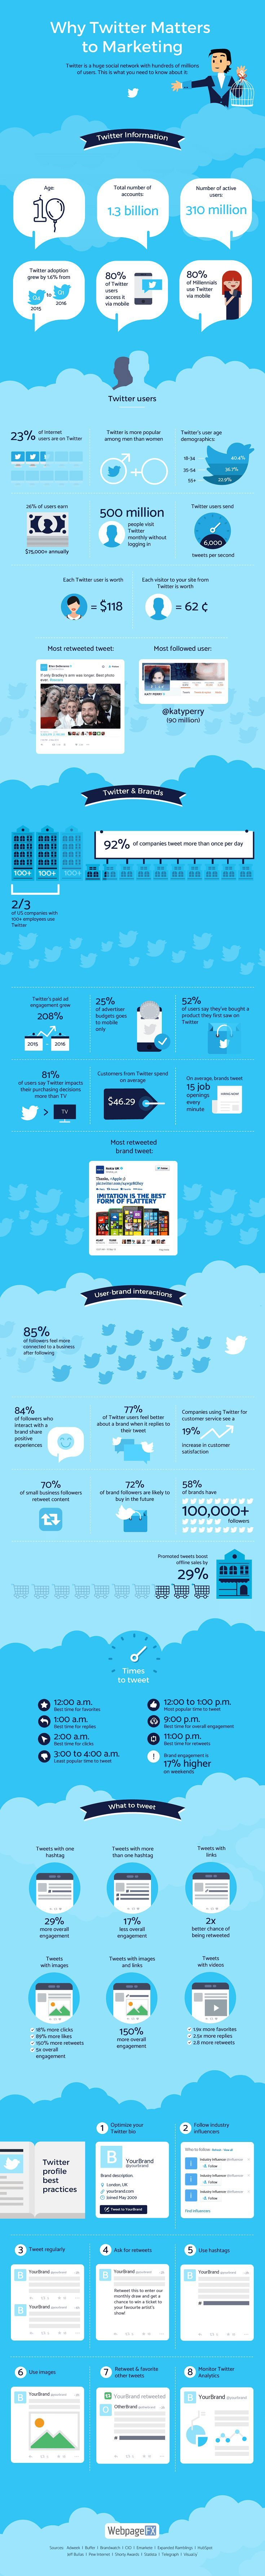 108 best Twitter images on Pinterest | Social media marketing ...